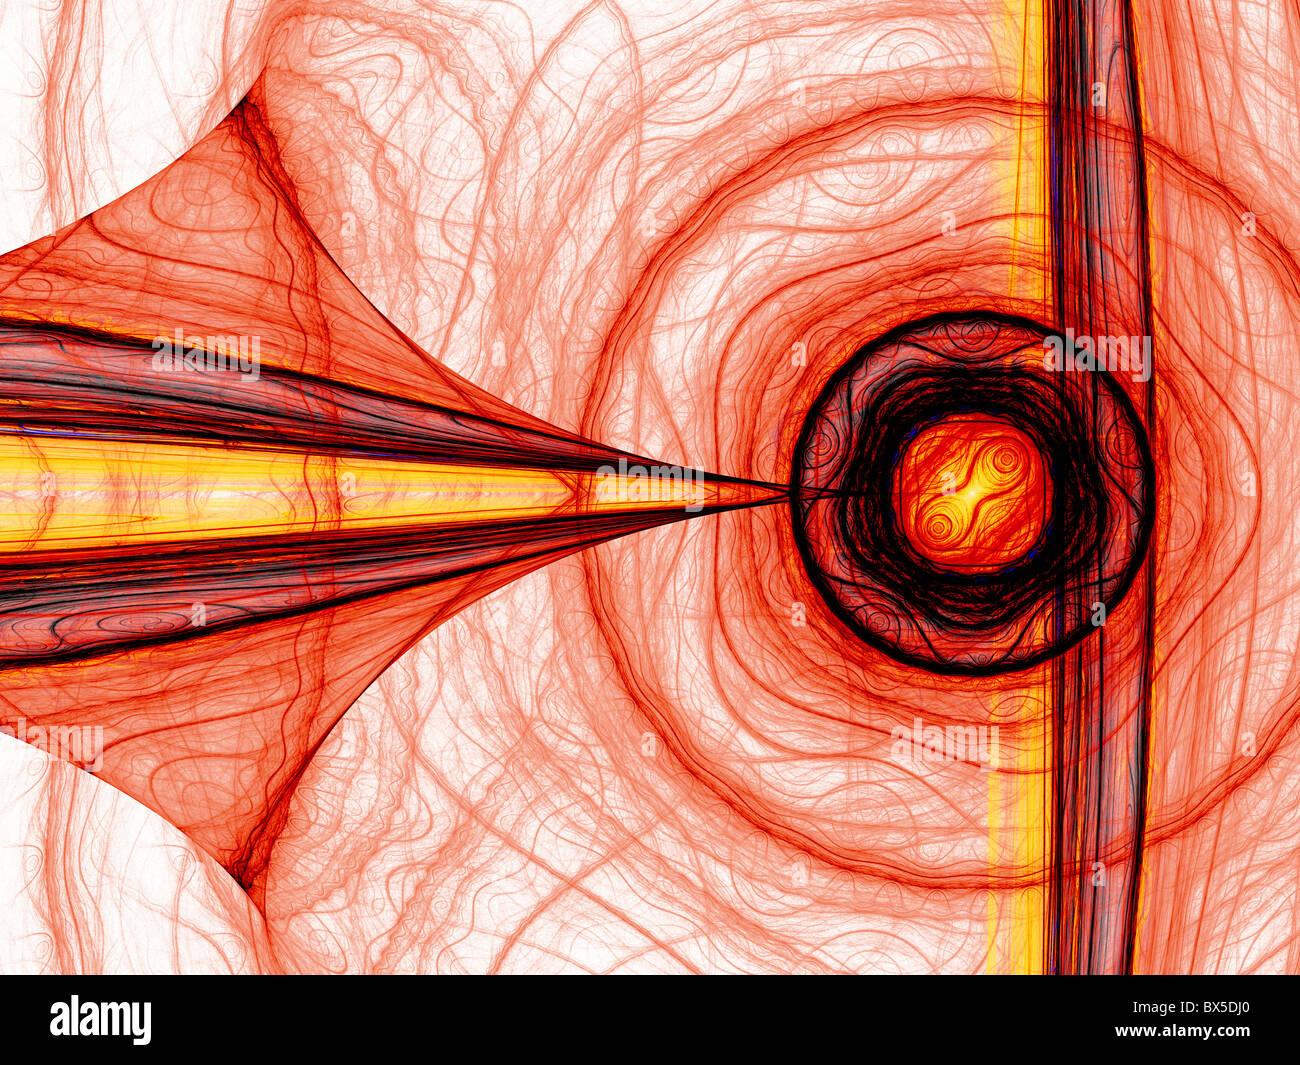 Abstrakte computergenerierte roter Energie Fraktal. Gut als Hintergrund oder Wallpaper. Stockbild